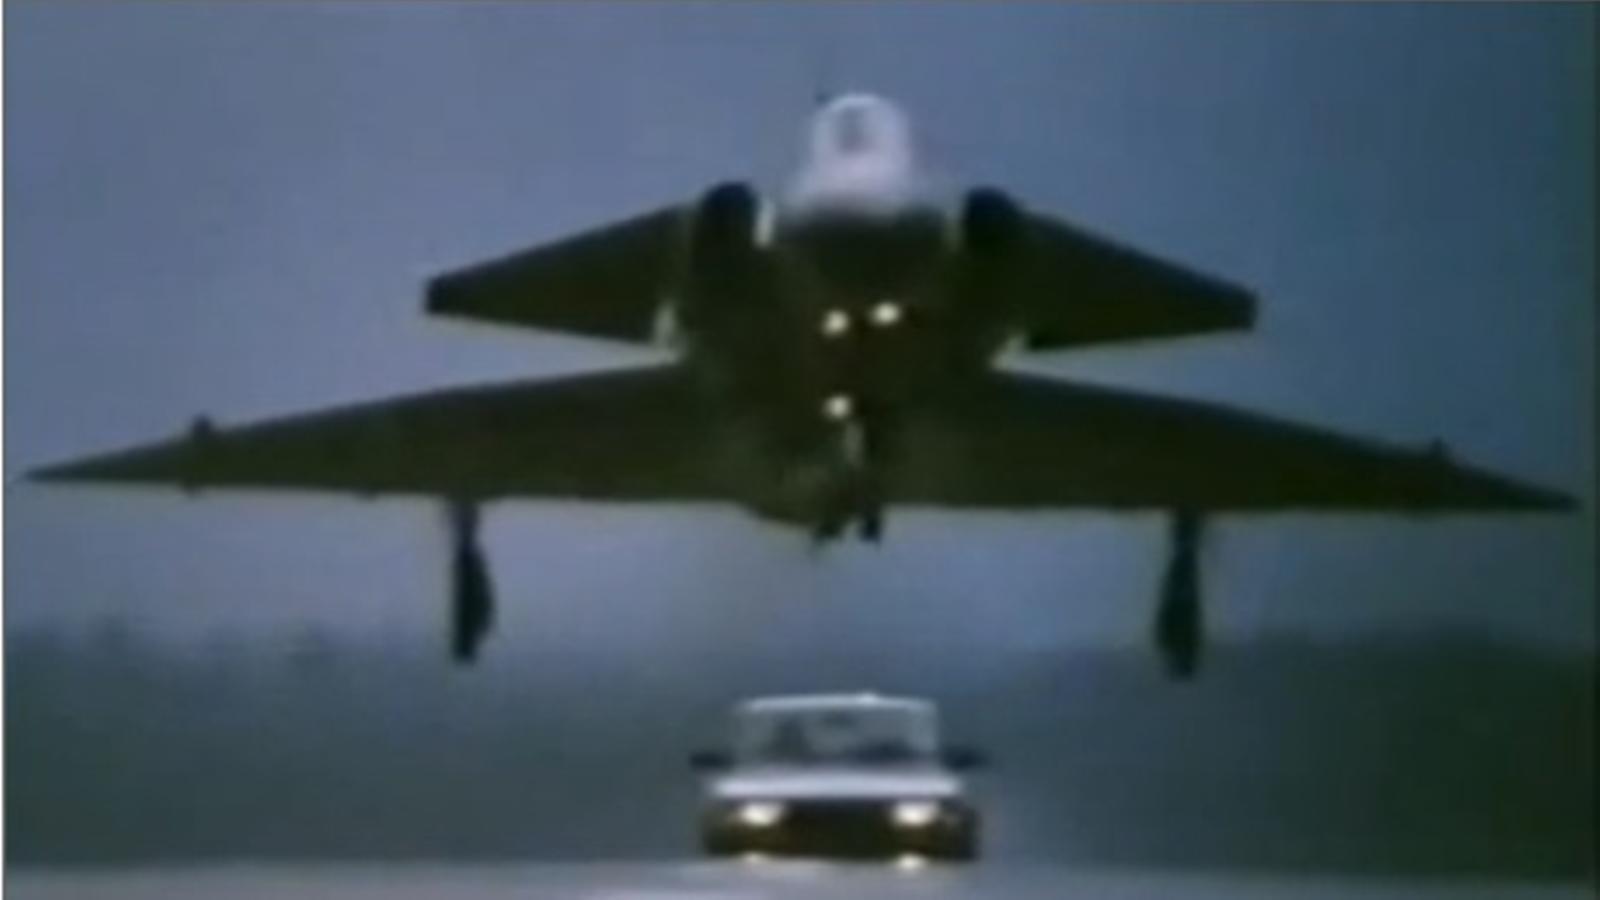 Anunci de Saab dirigit per Tony Scott